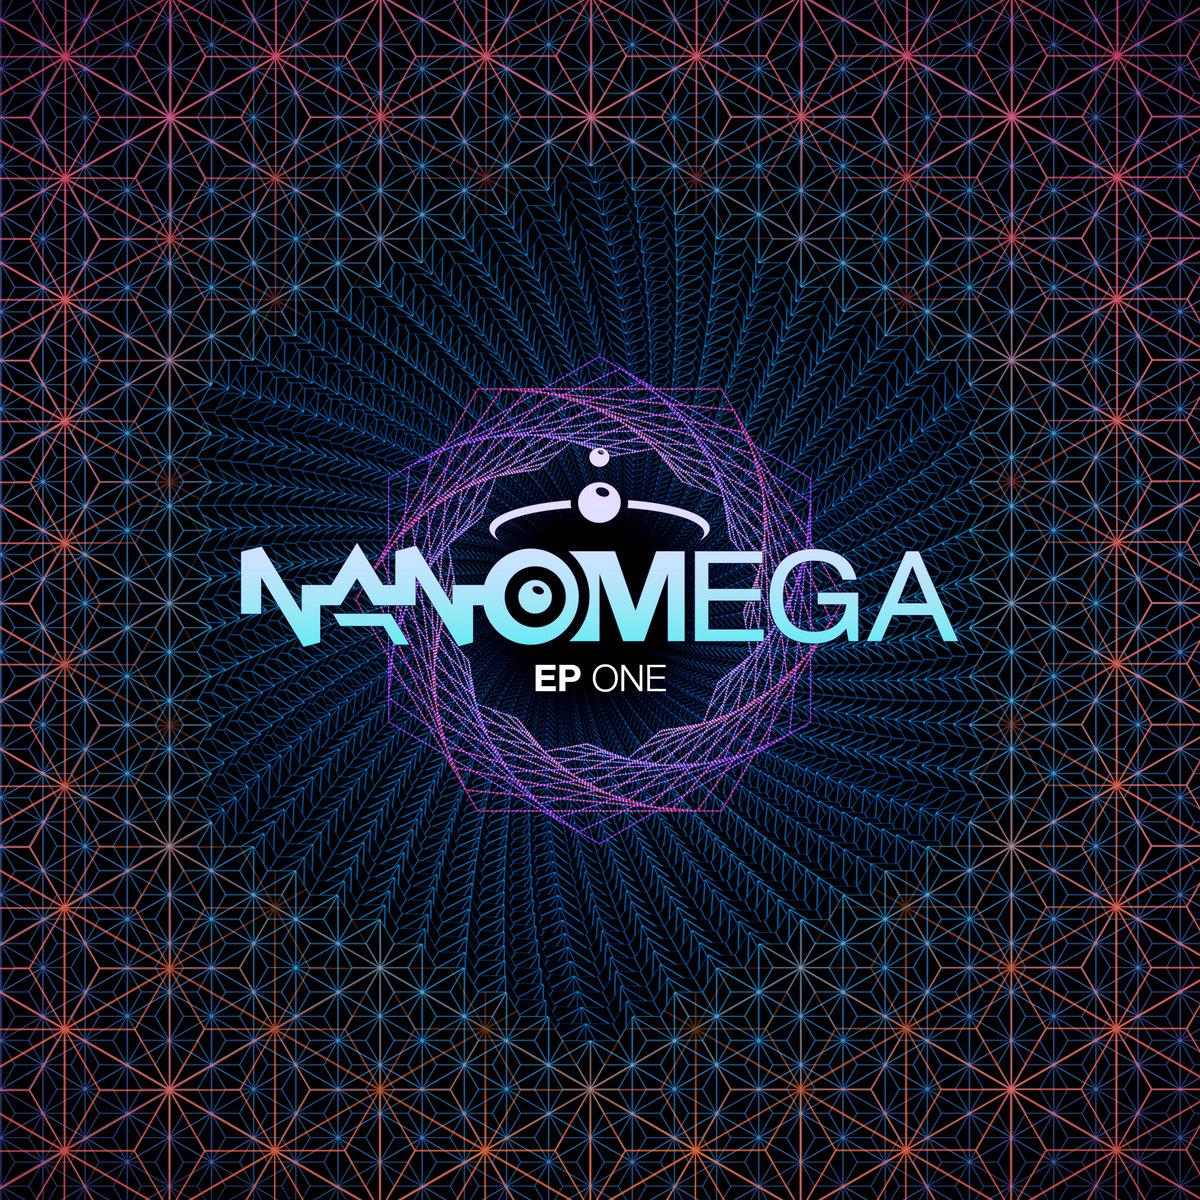 NanoMega EP ONE | Nano Records